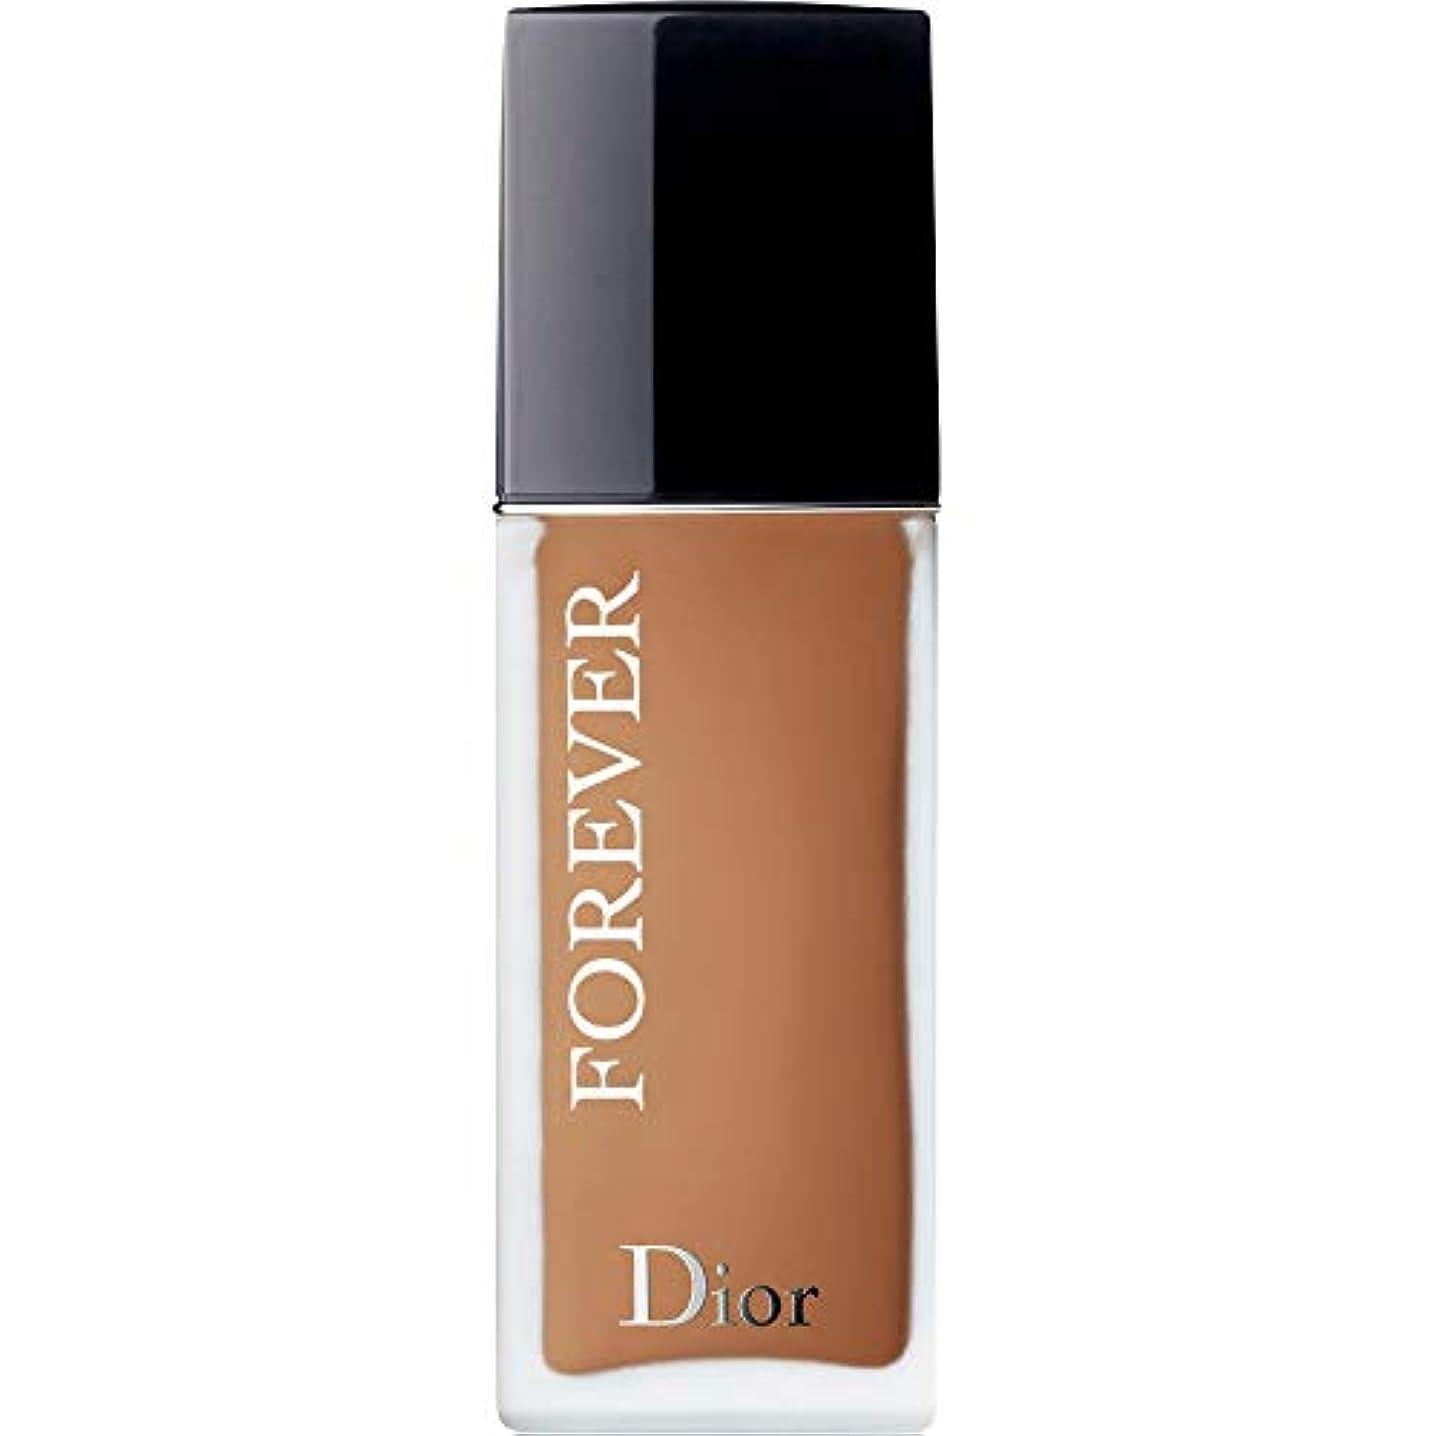 航空会社谷受動的[Dior ] ディオール永遠皮膚思いやりの基盤Spf35 30ミリリットルの5ワット - 暖かい(つや消し) - DIOR Forever Skin-Caring Foundation SPF35 30ml 5W -...